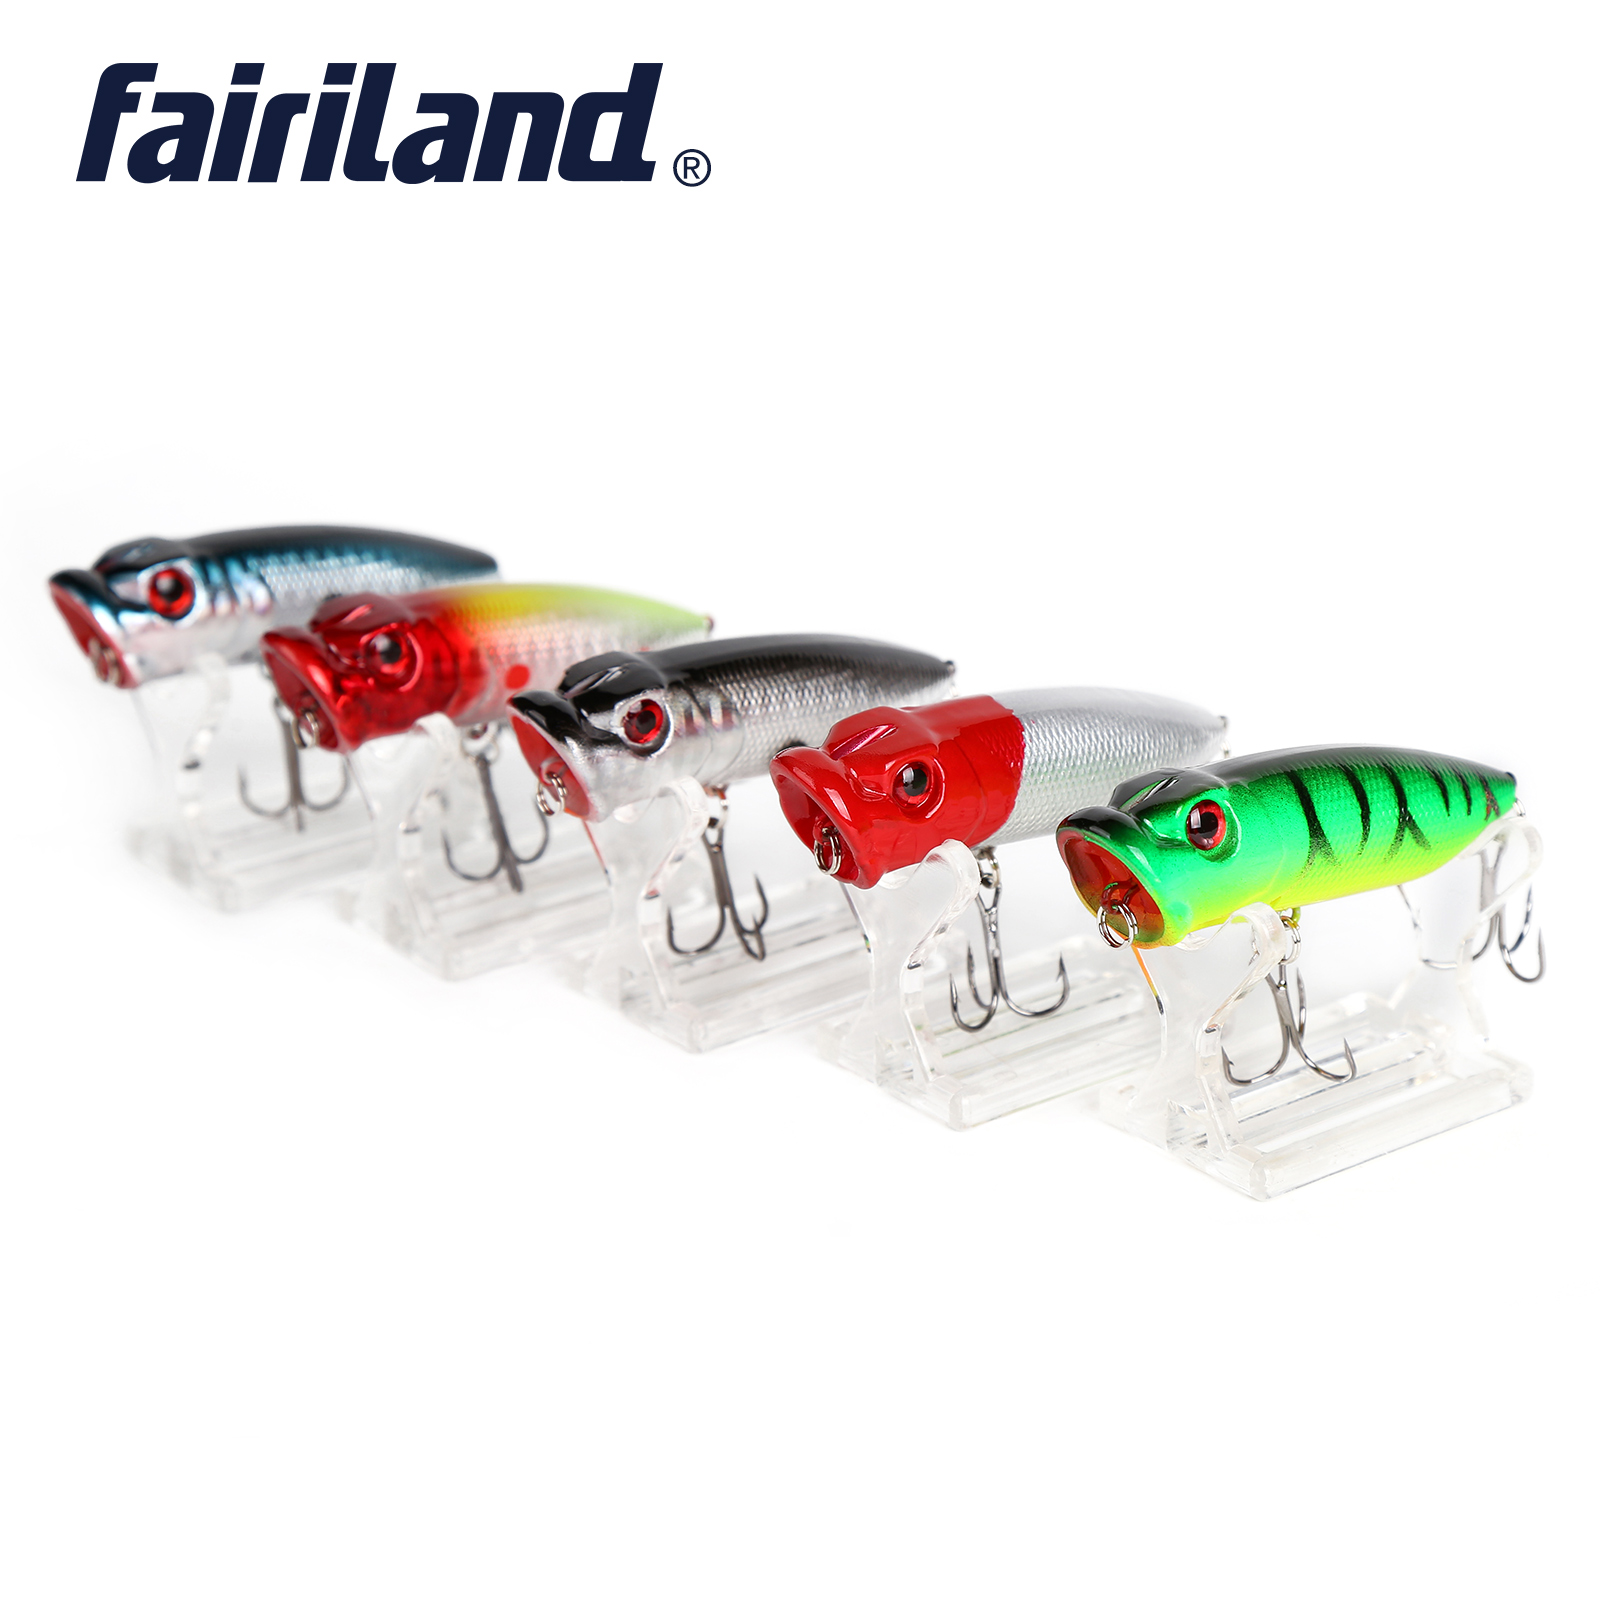 10pcs 12cm//22g Artificial Pencil Hard Bait Plastic Jerk Bait Bass Fishing Lures